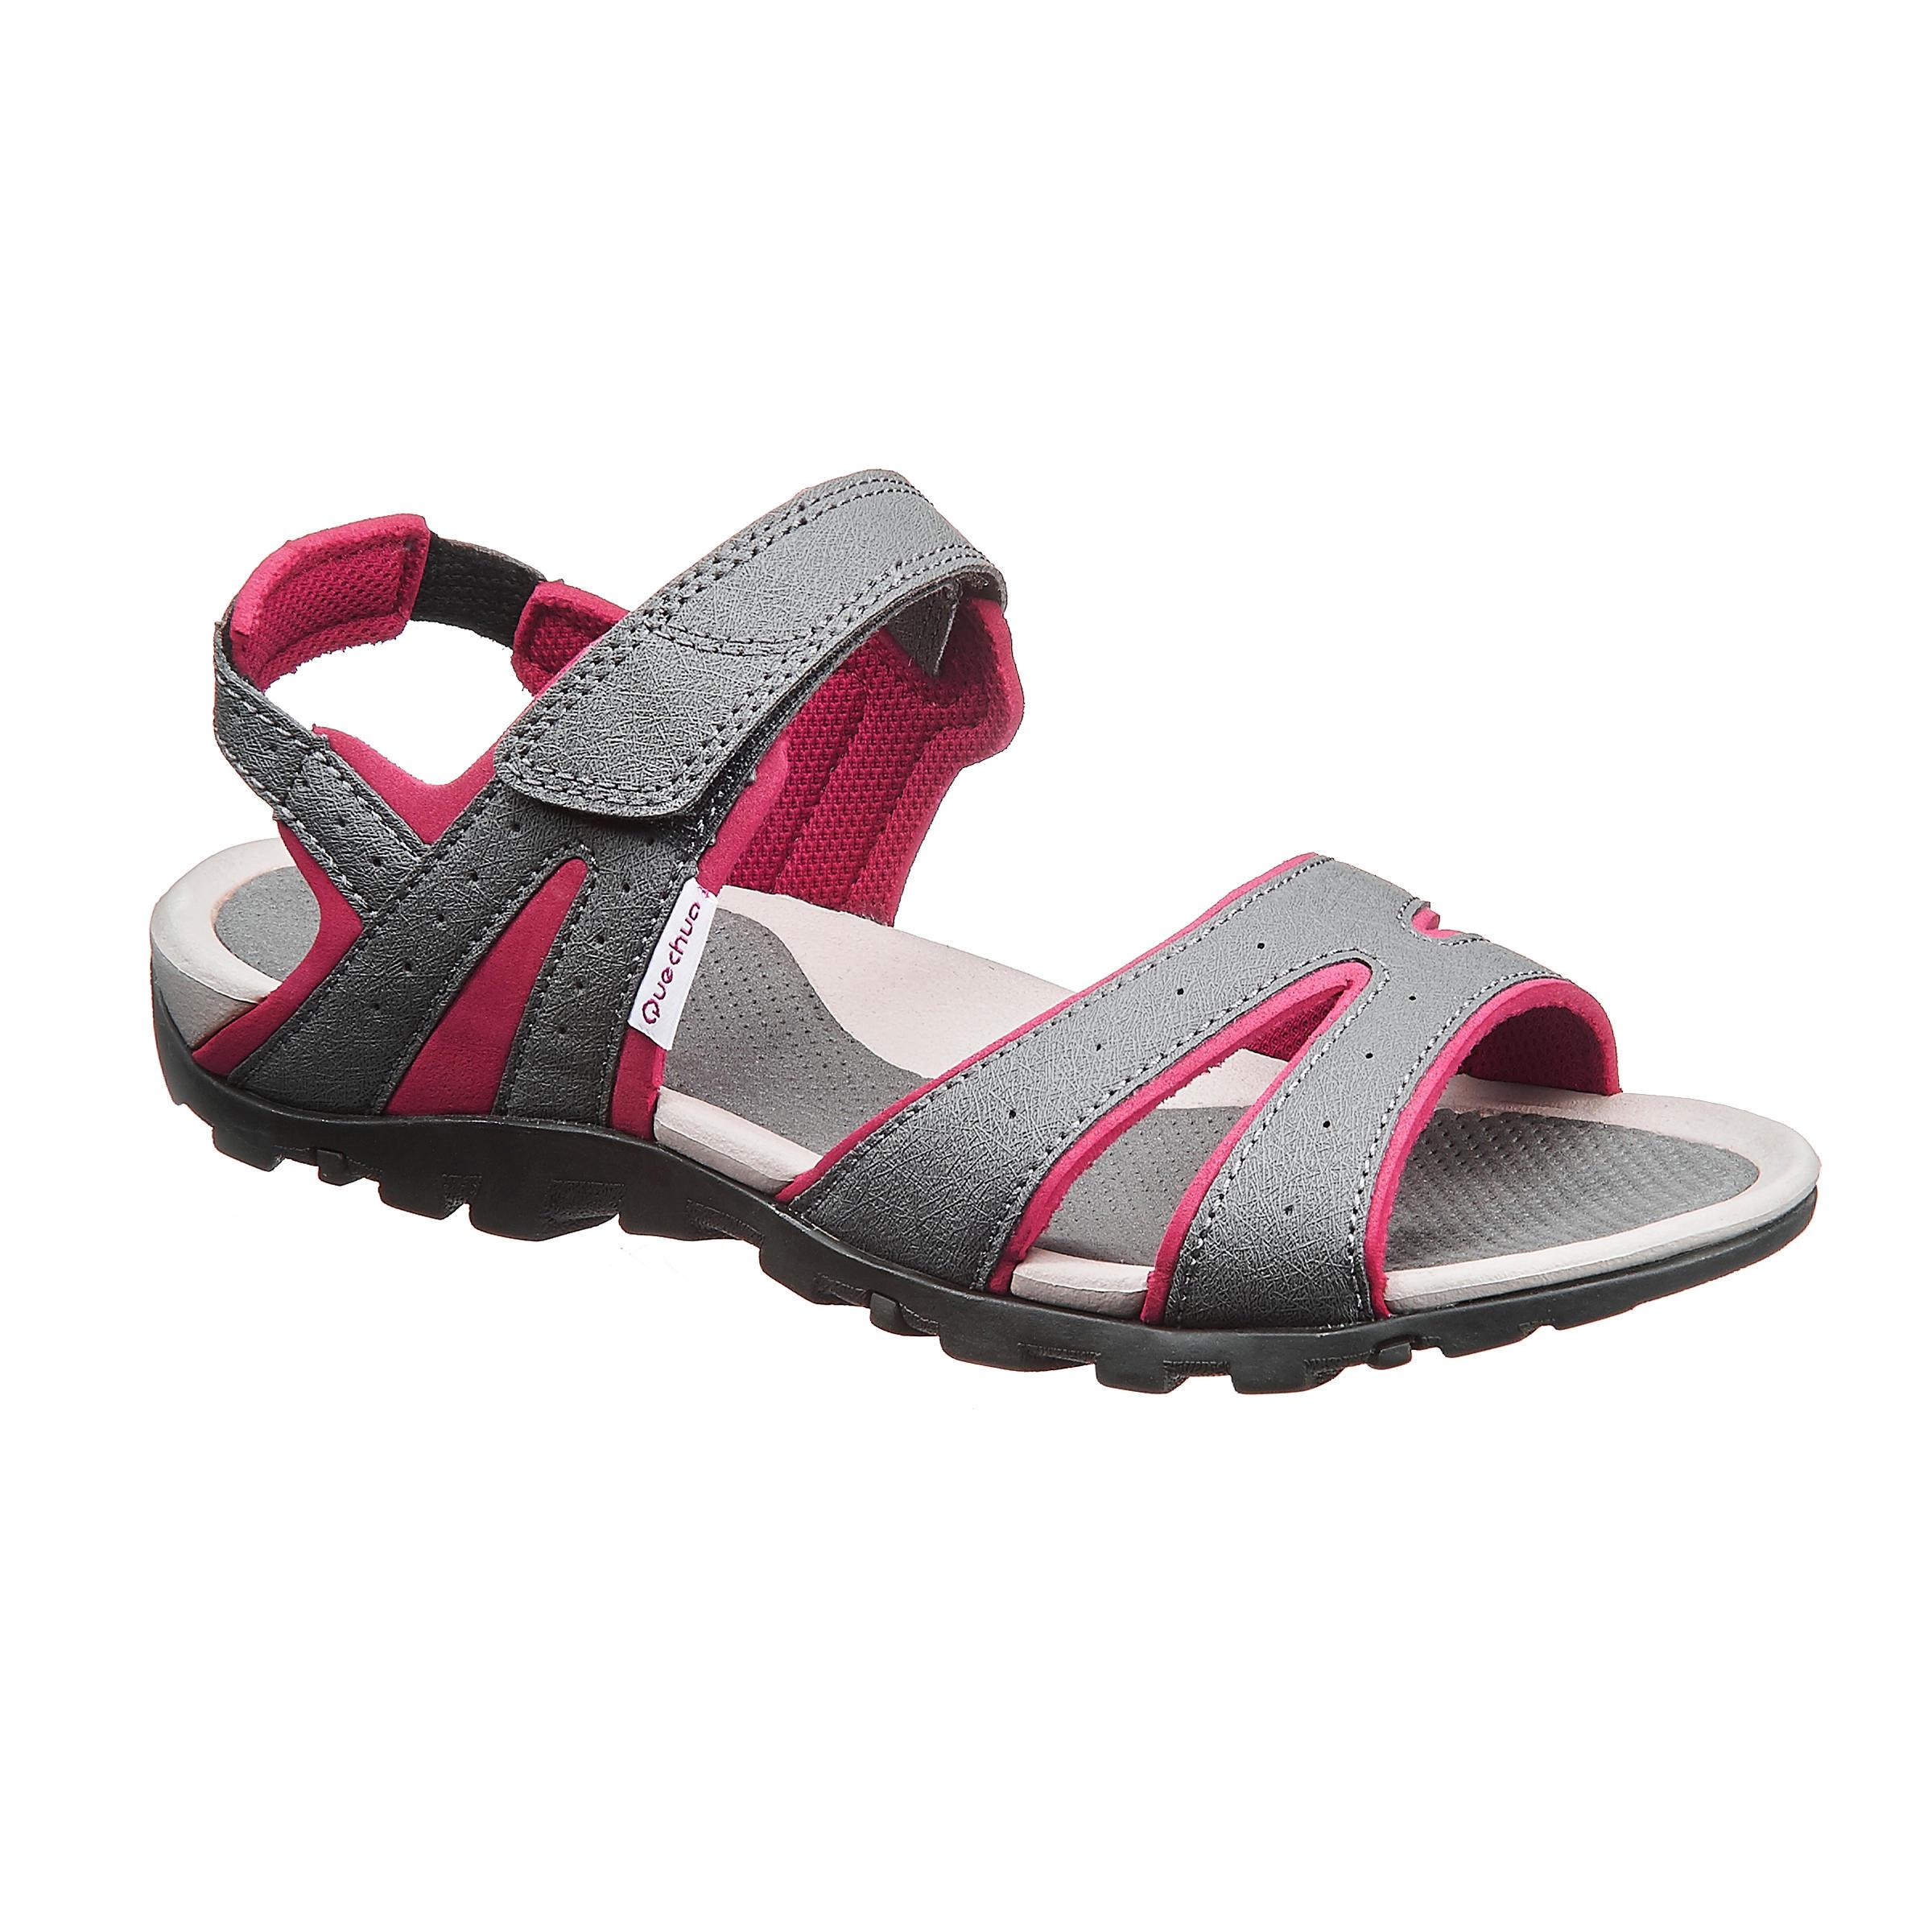 Sandales de randonnée arpenaz 50 femme rose